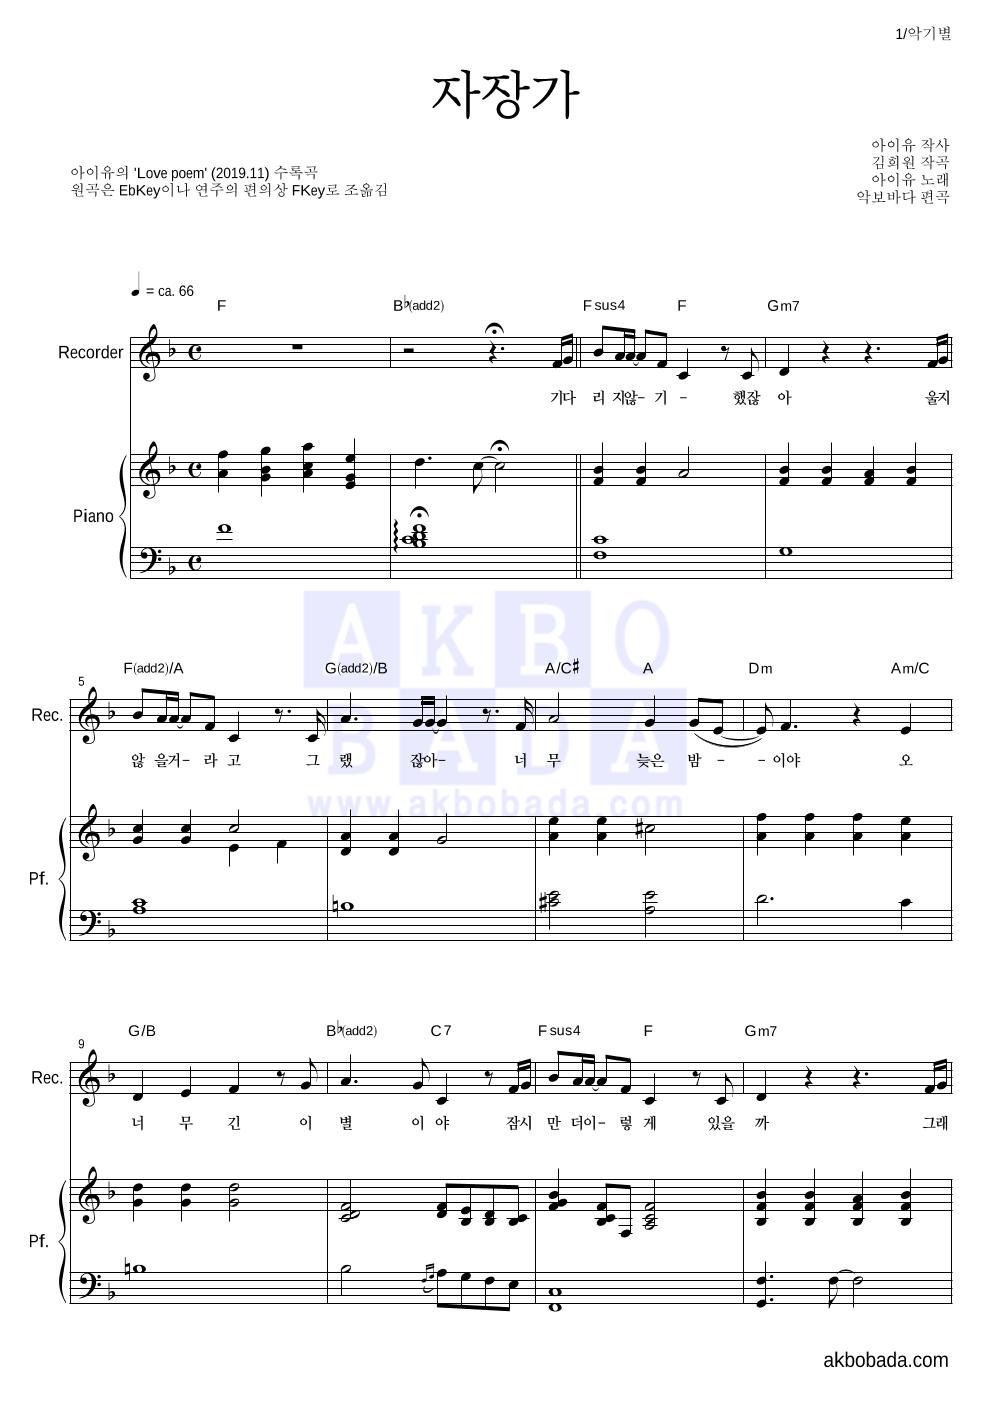 아이유(IU) - 자장가 리코더&피아노 악보